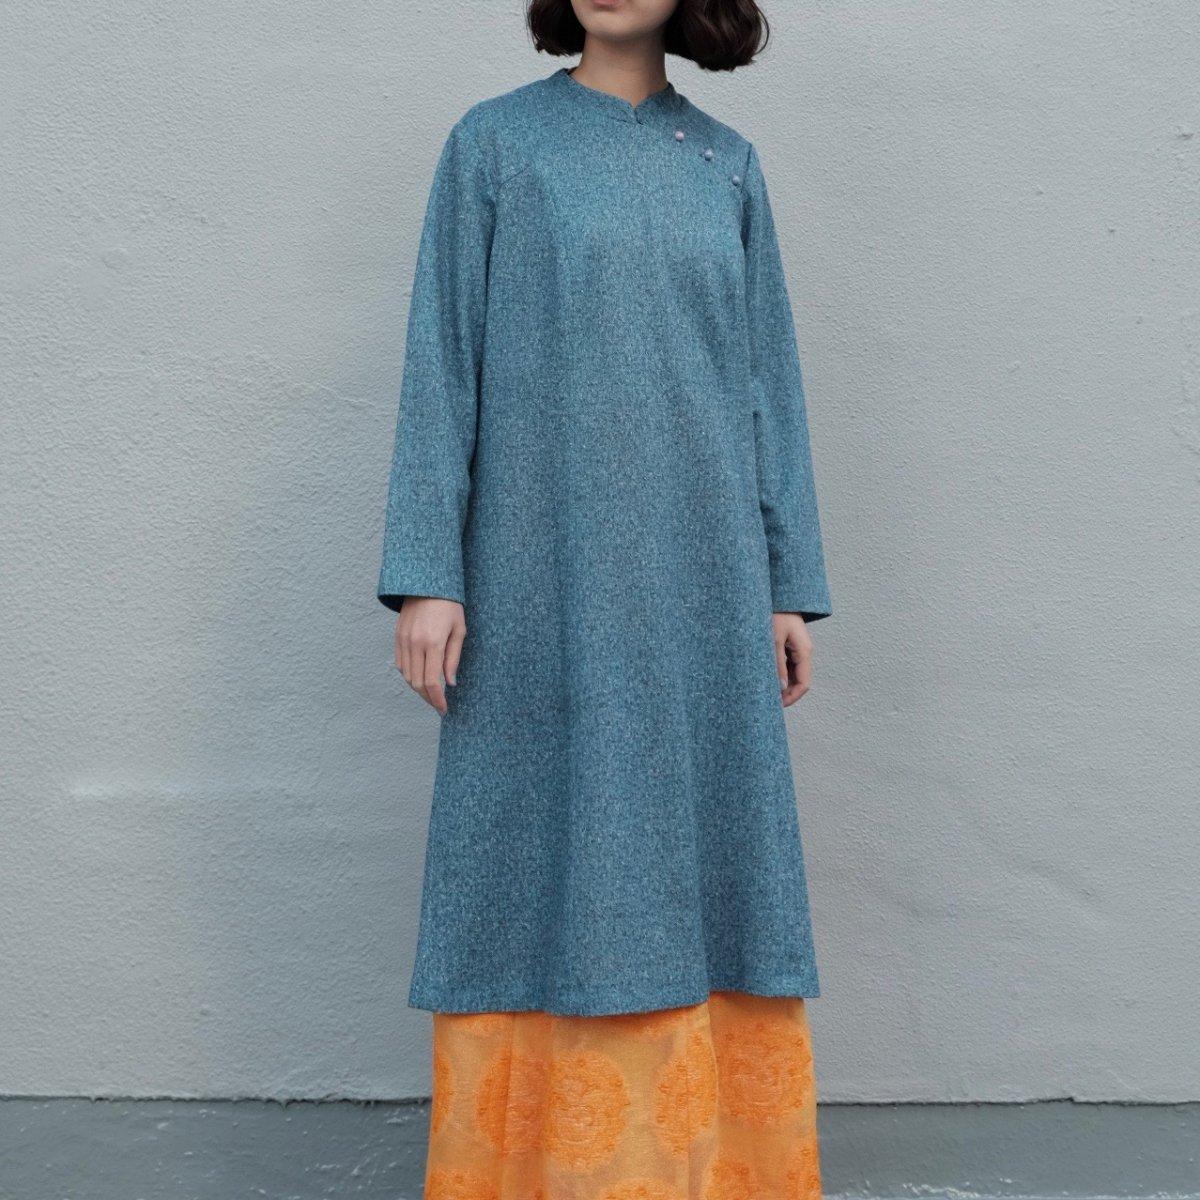 [VINTAGE] Snow Noise Blue Dress